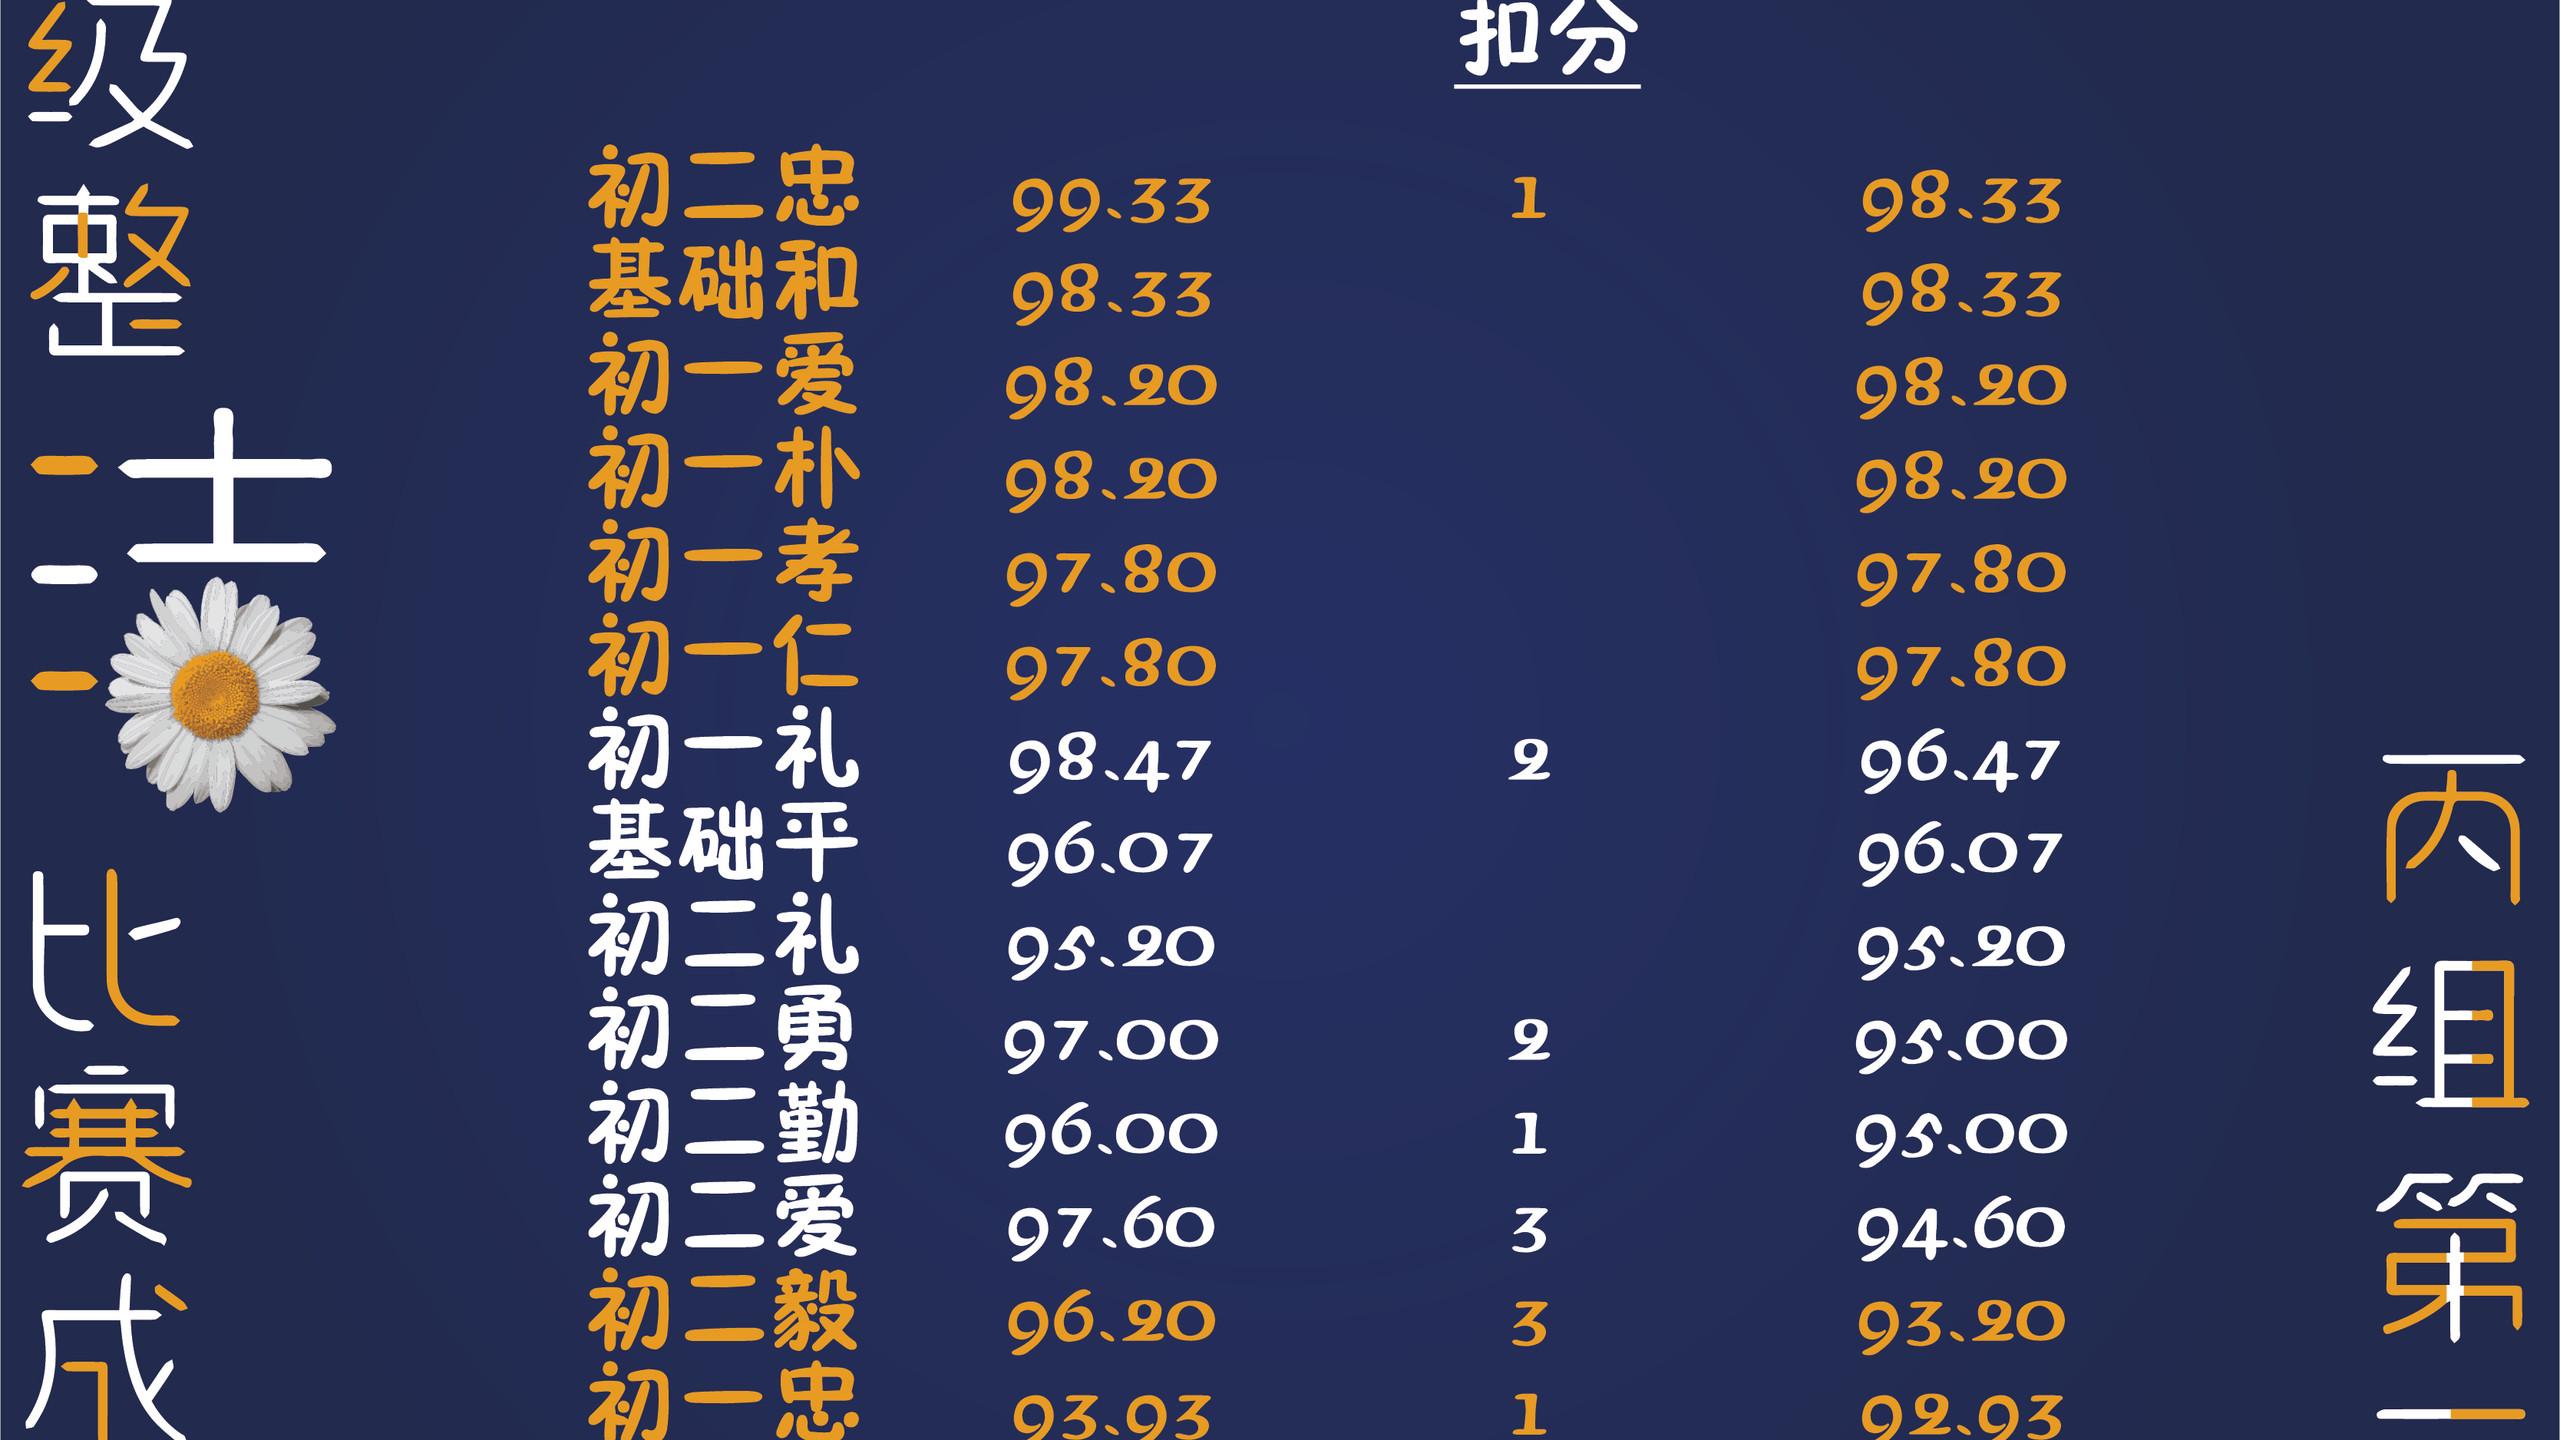 第一期班级整洁比赛成绩-04